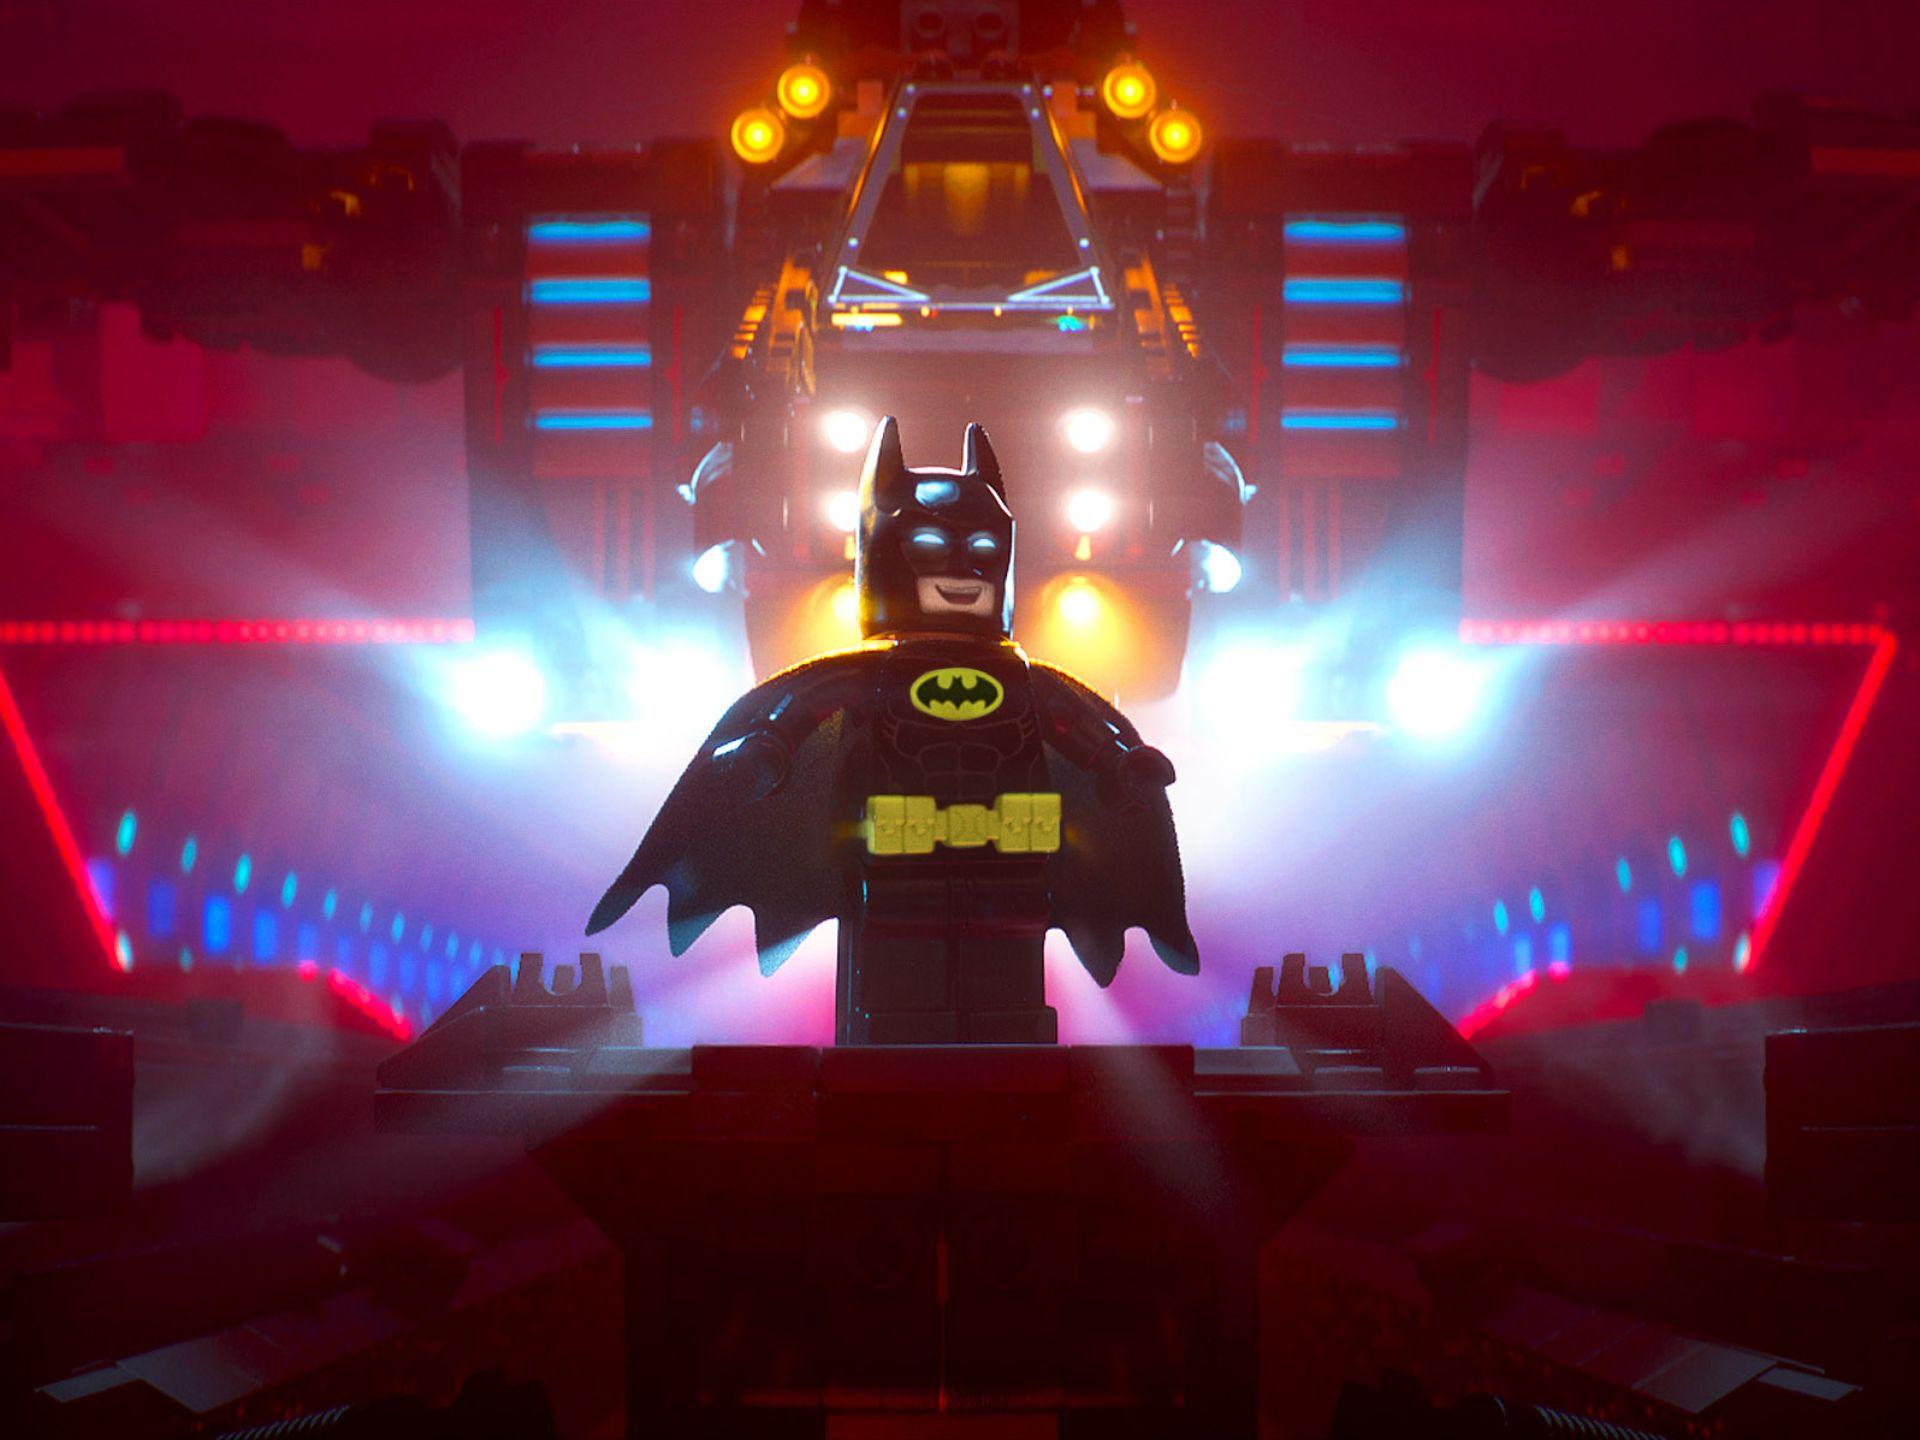 Thị trường Bắc Mỹ là của Đấng vô đối Batman - Ảnh 2.